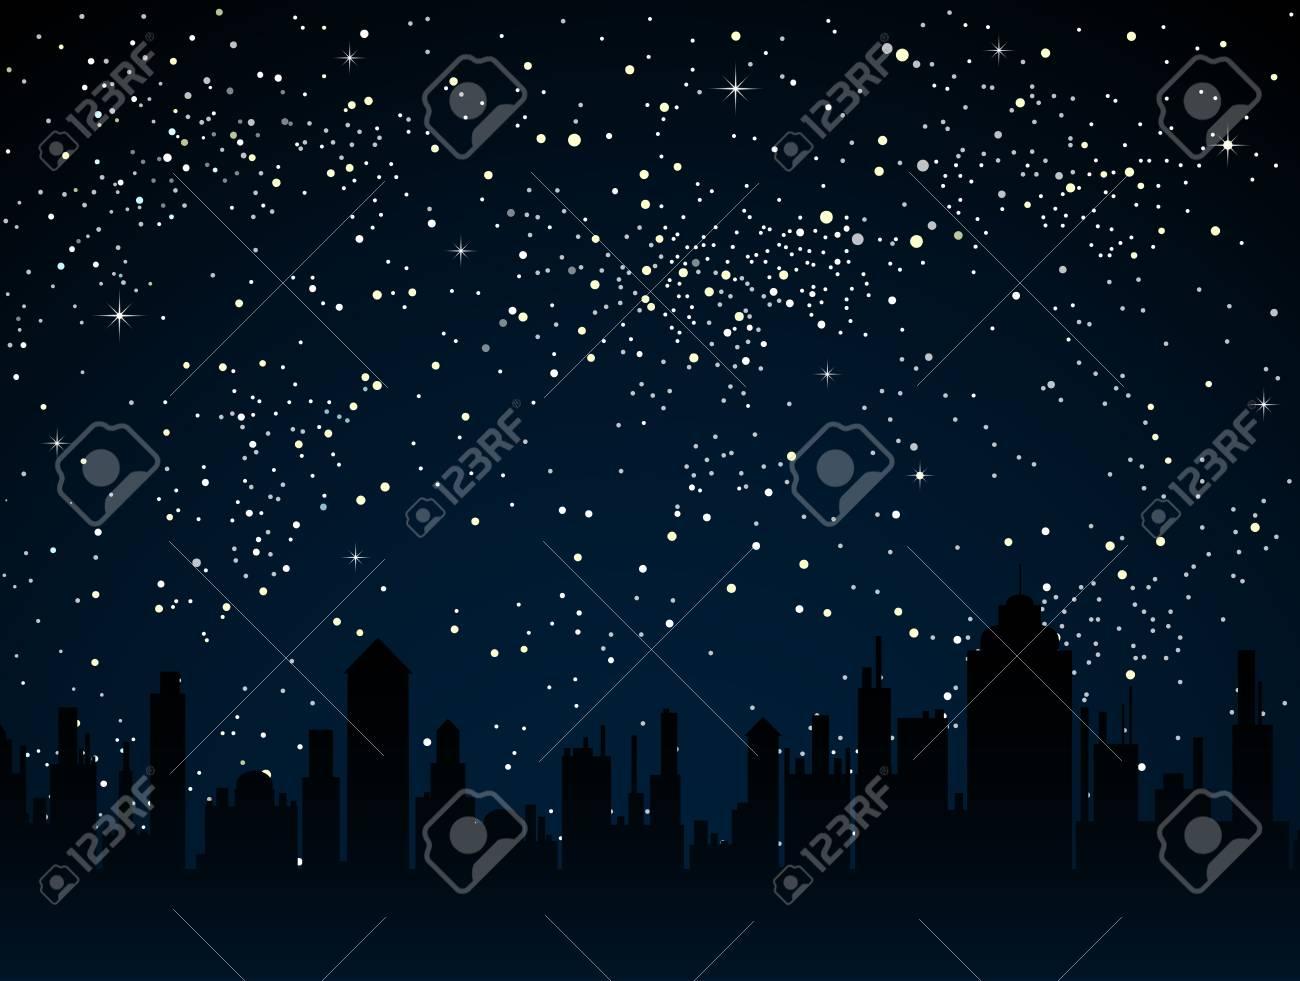 Realistic Starry Sky With Blue Glow Shining Stars Dark Sky